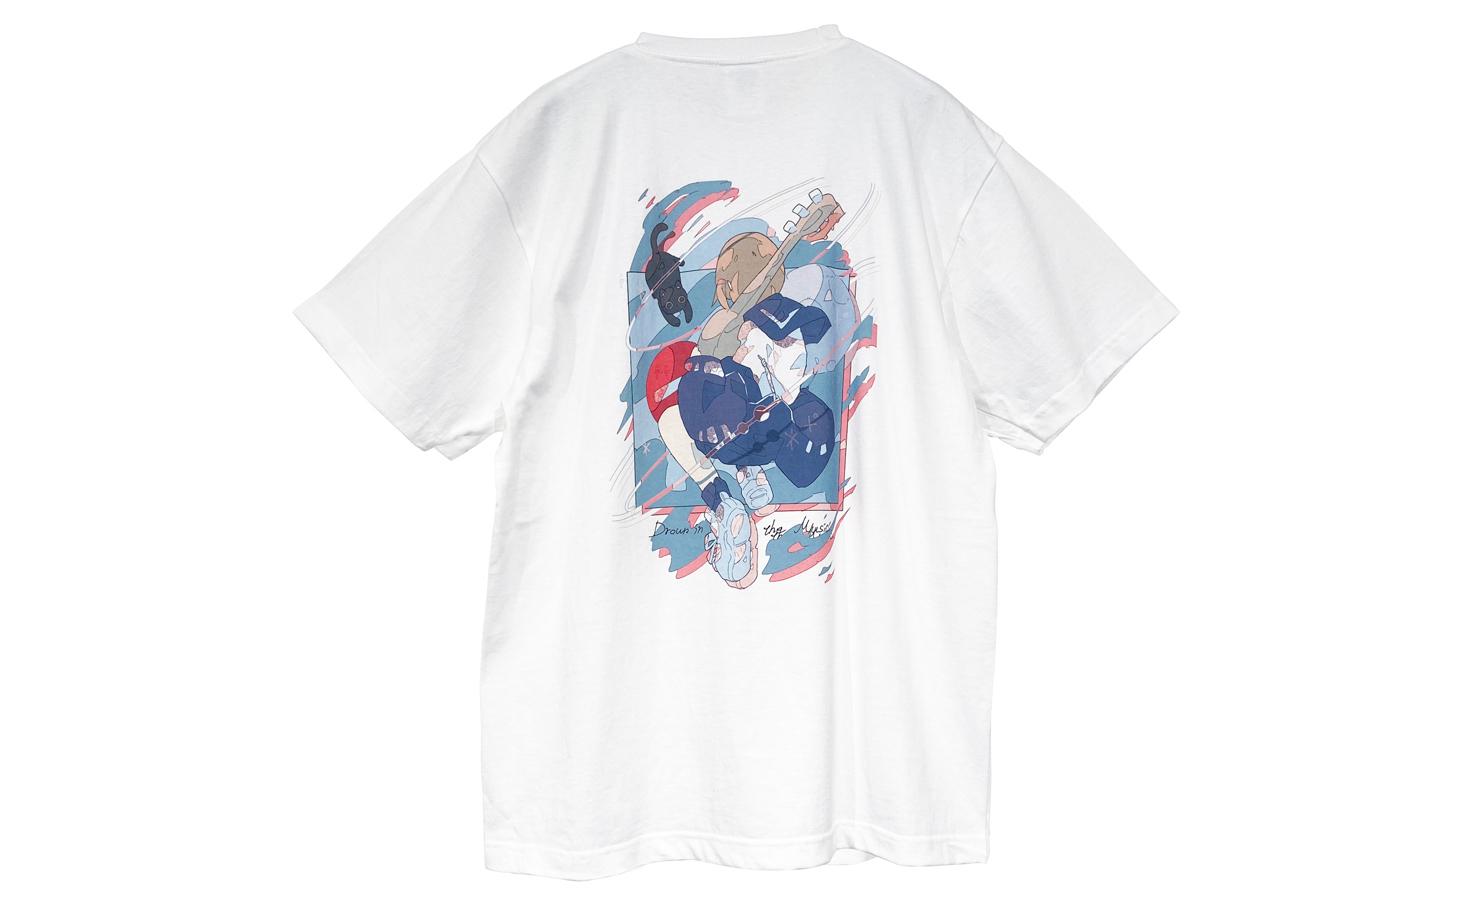 音楽に溺れる_White_Tシャツ